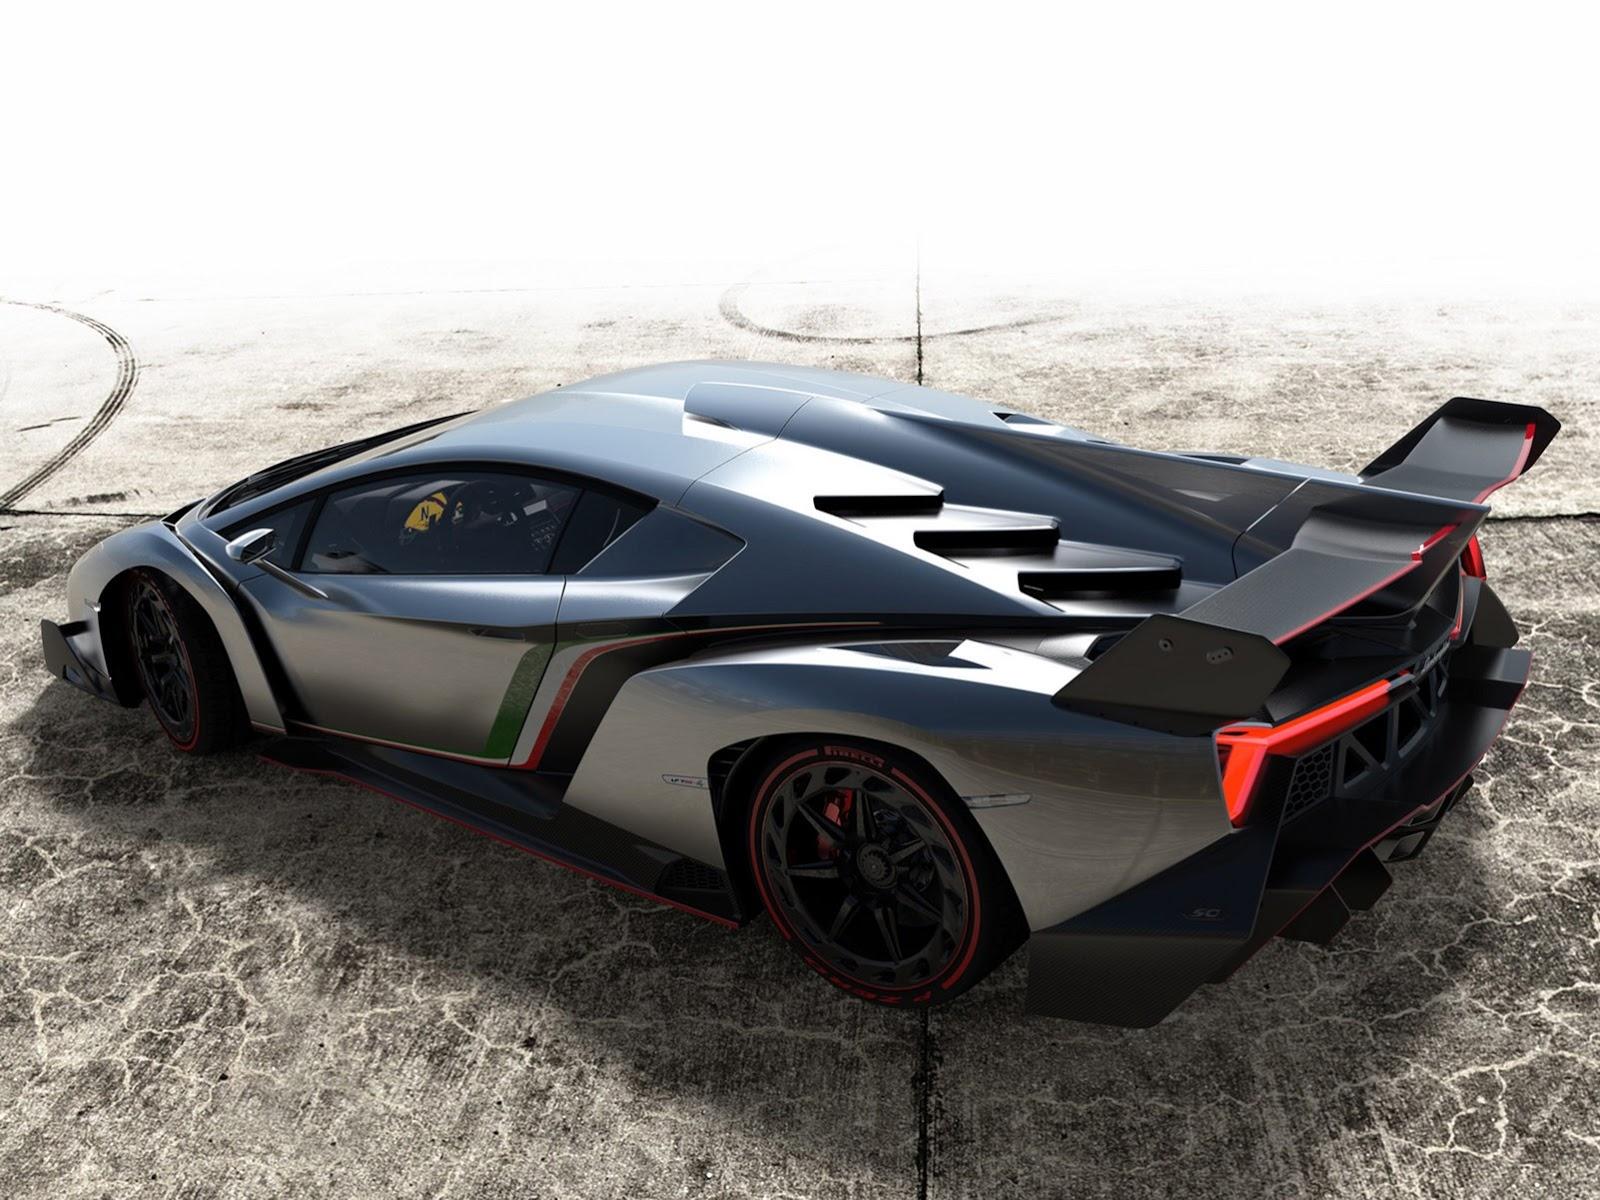 Passion For Luxury Lamborghini Veneno 4 5 Million Supercar